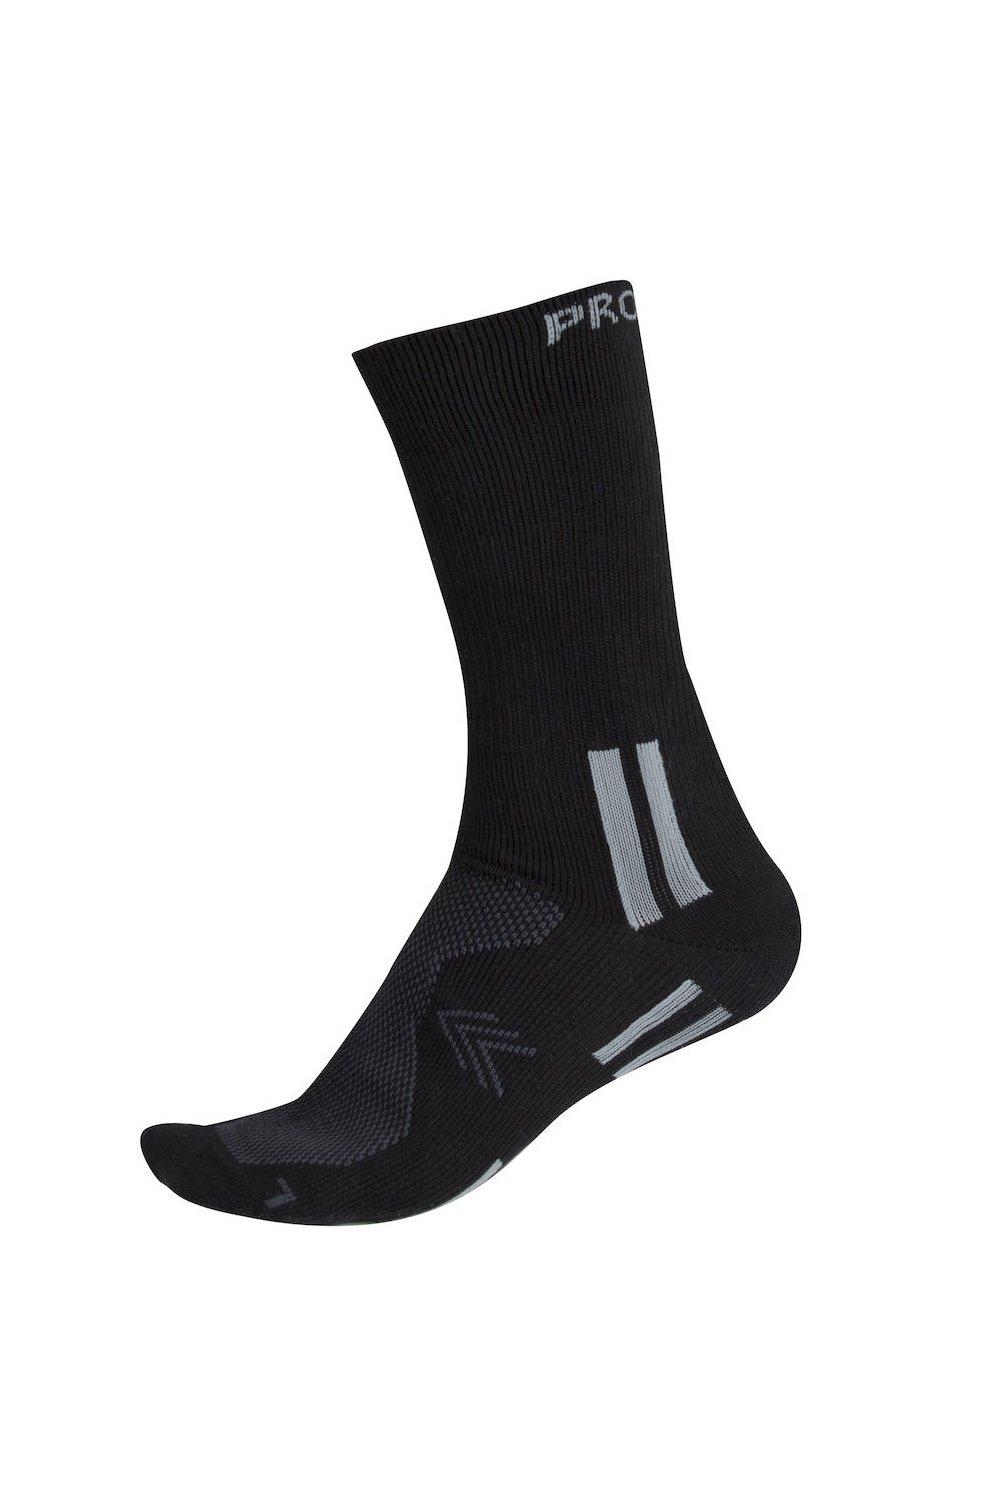 Funktions-Socke, schwarz